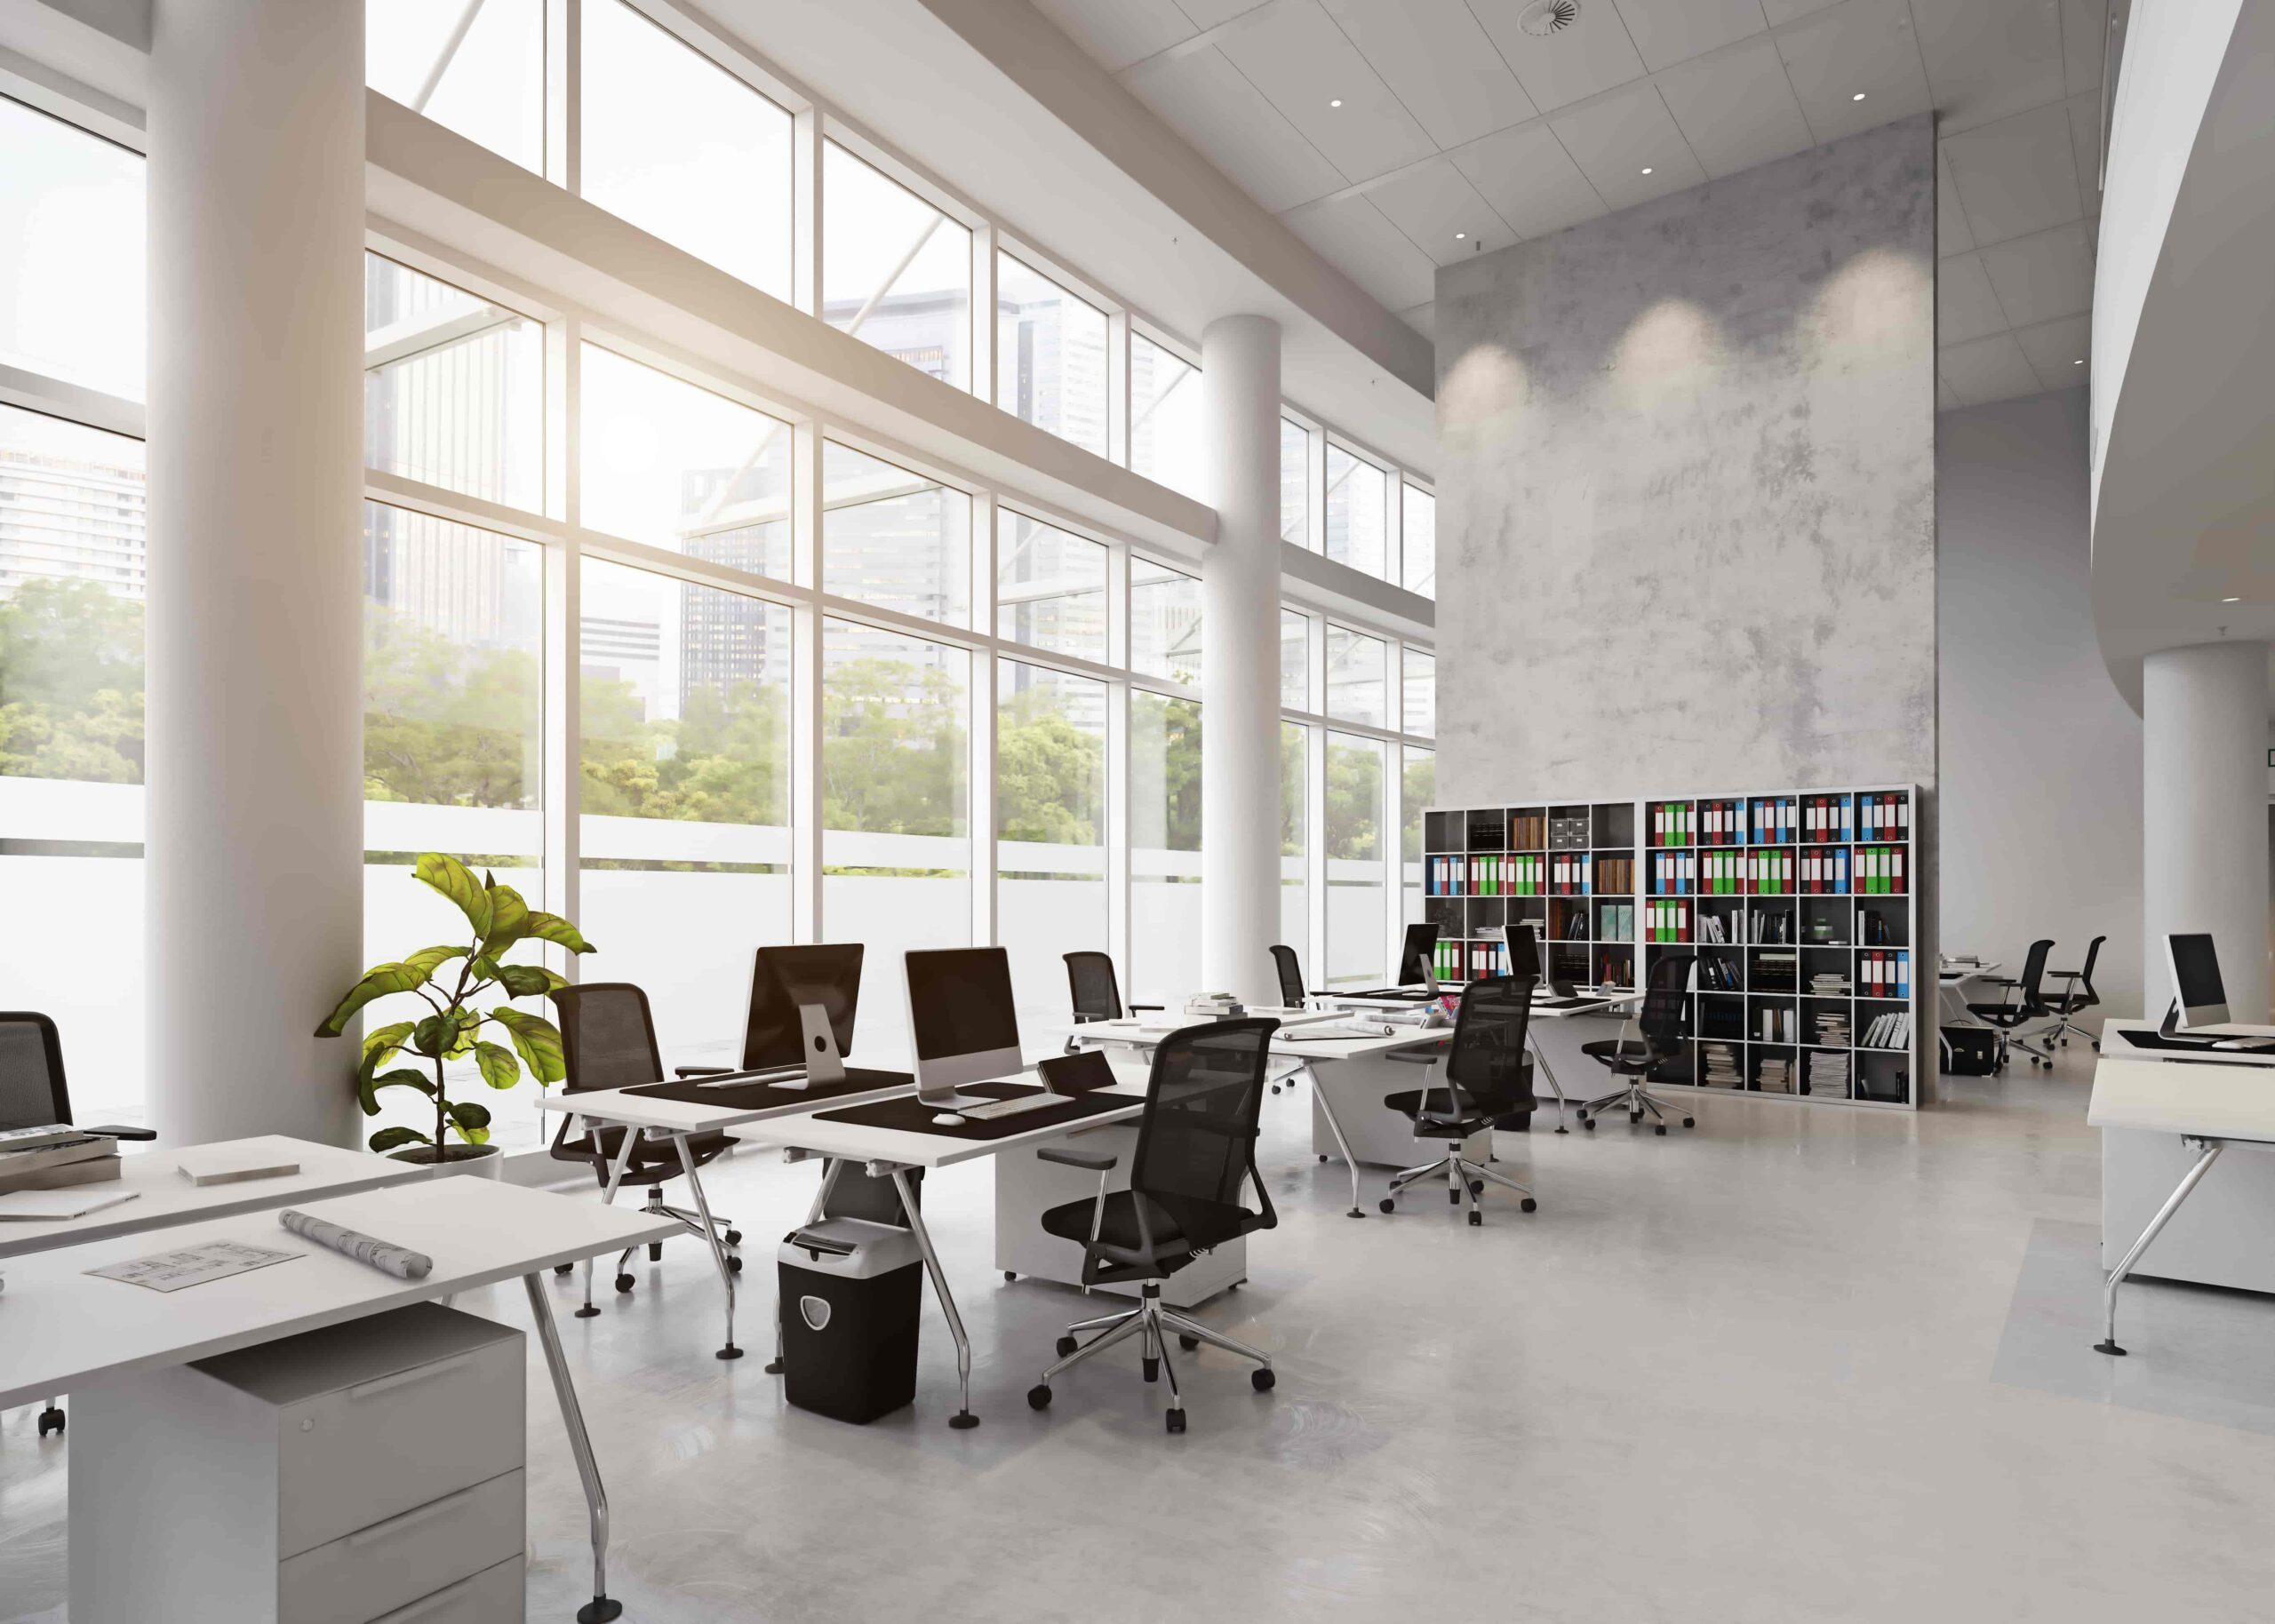 サードプレイスオフィスの為にオフィスを新設する必要はない